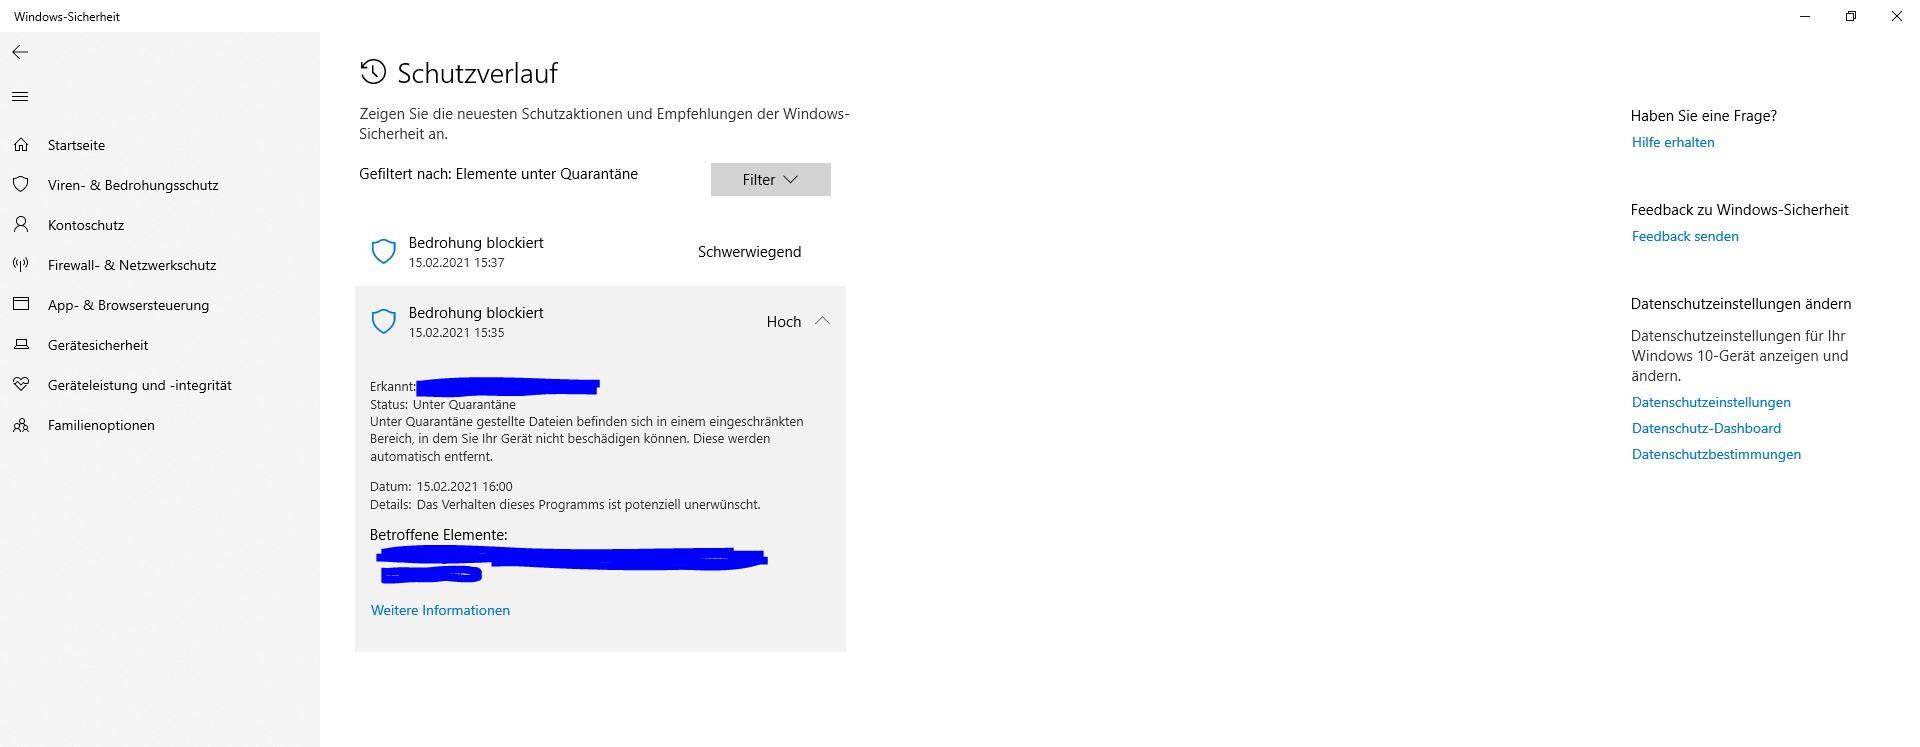 Windows Defender Dateien aus der Quarantäne zurückbewegen - Keine Aktionen möglich